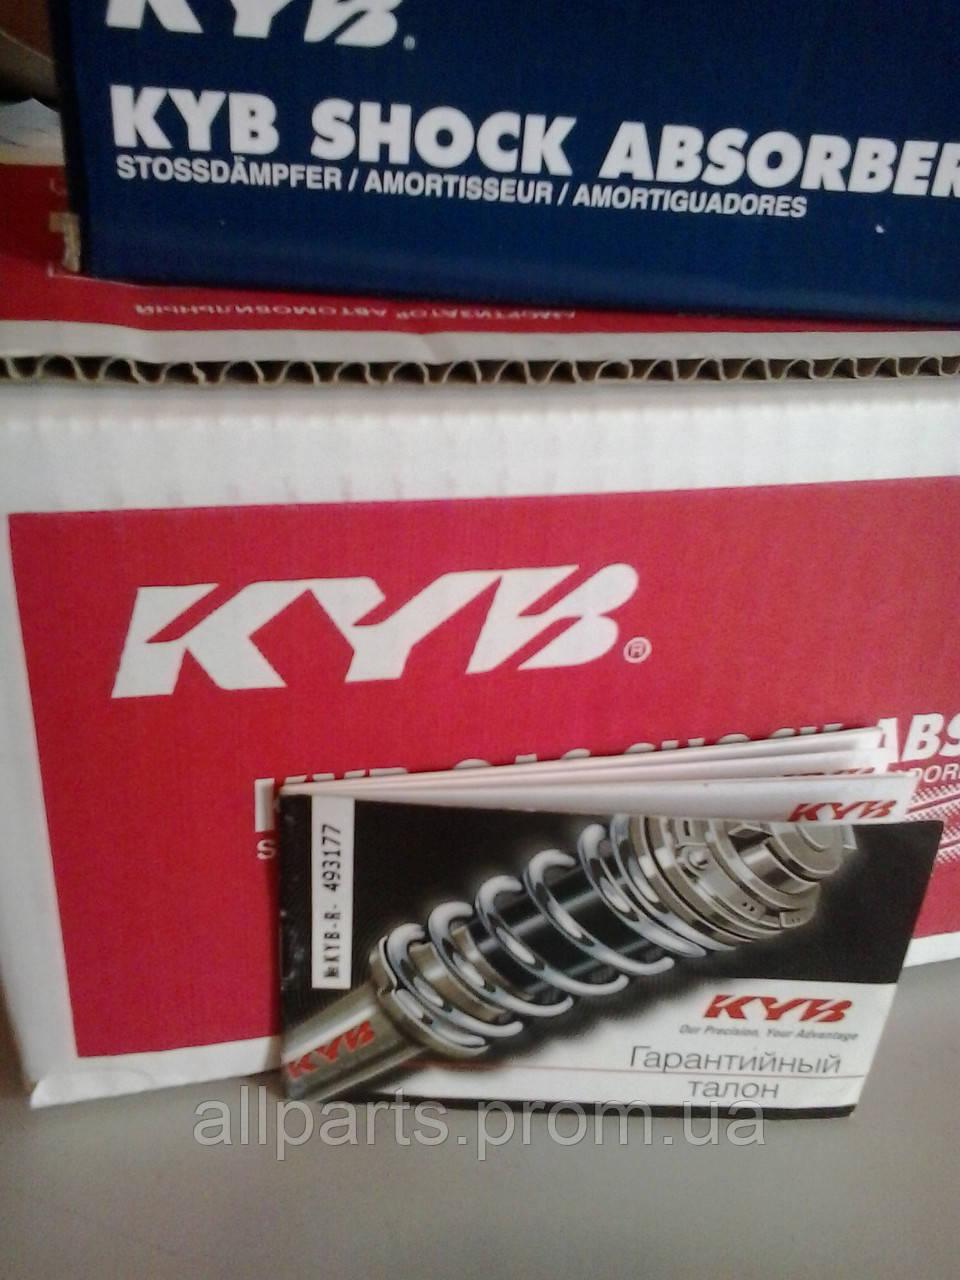 Условия гарантии на официальные (оригинальные) амортизаторы производителя Kayaba (KYB, Каяба)